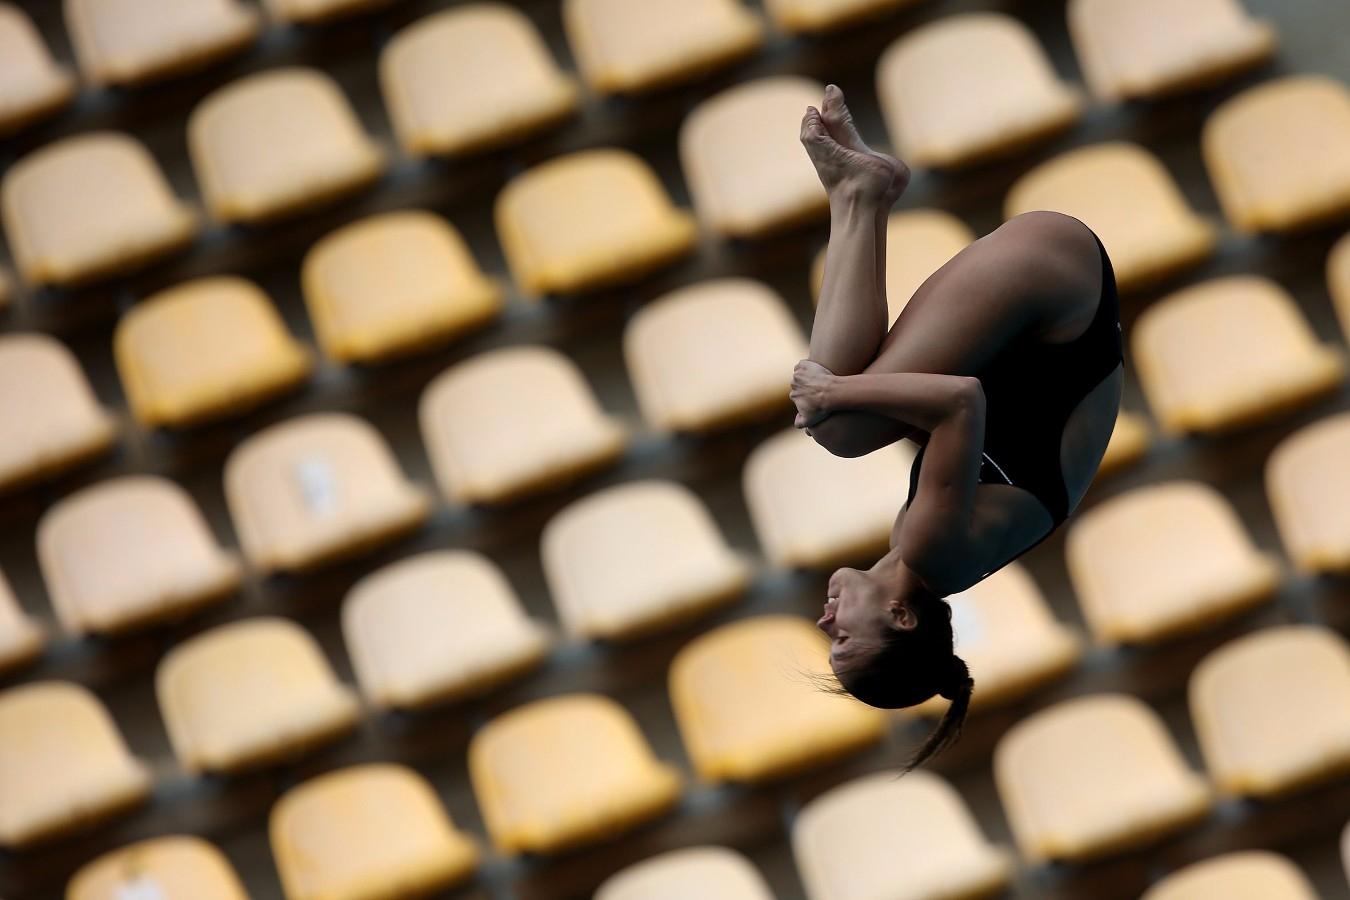 Trampolim de 3 metros. Trofeu Brasil de Saltos Ornamentais. 20 de maio de 2017, Rio de Janeiro, RJ. Foto: Satiro Sodré/SSPress/CBDA